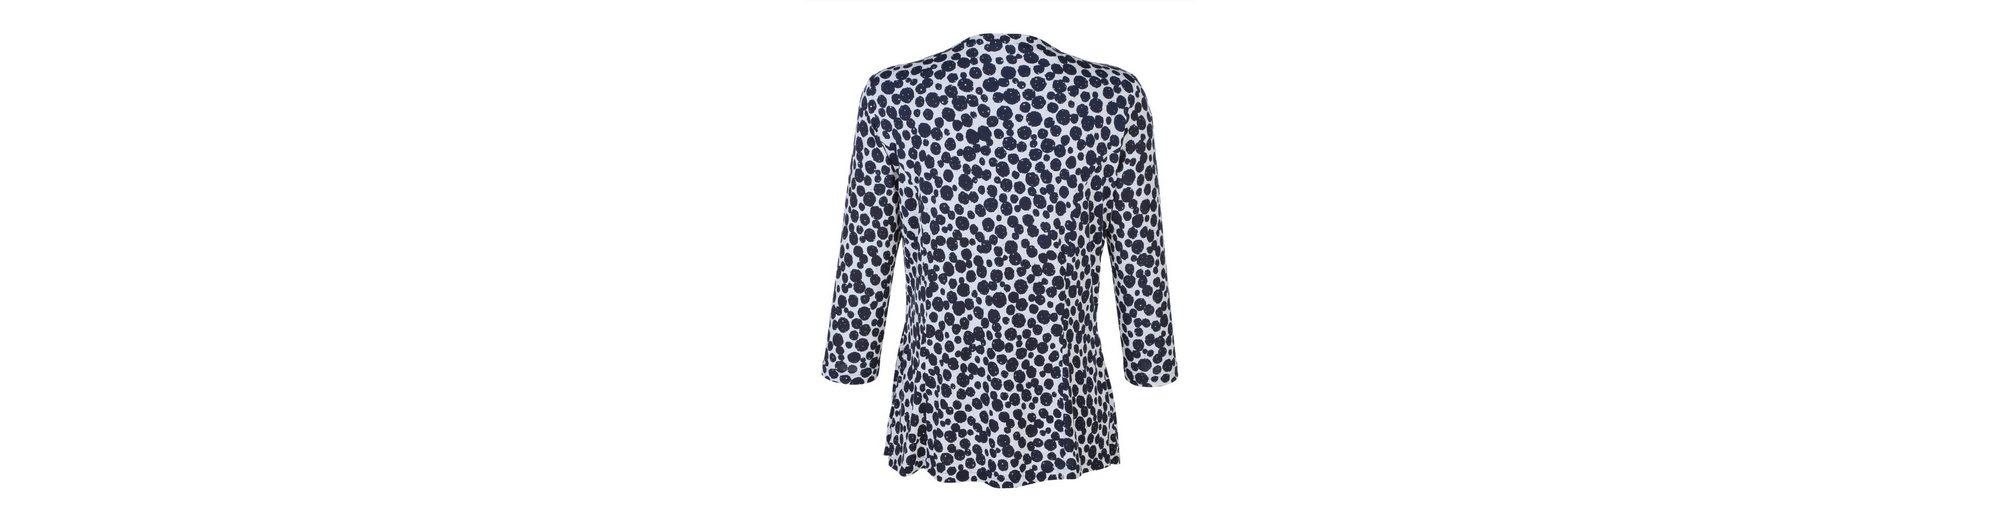 Mona 2in1-Shirt in Lagenlook Preise fCvTA